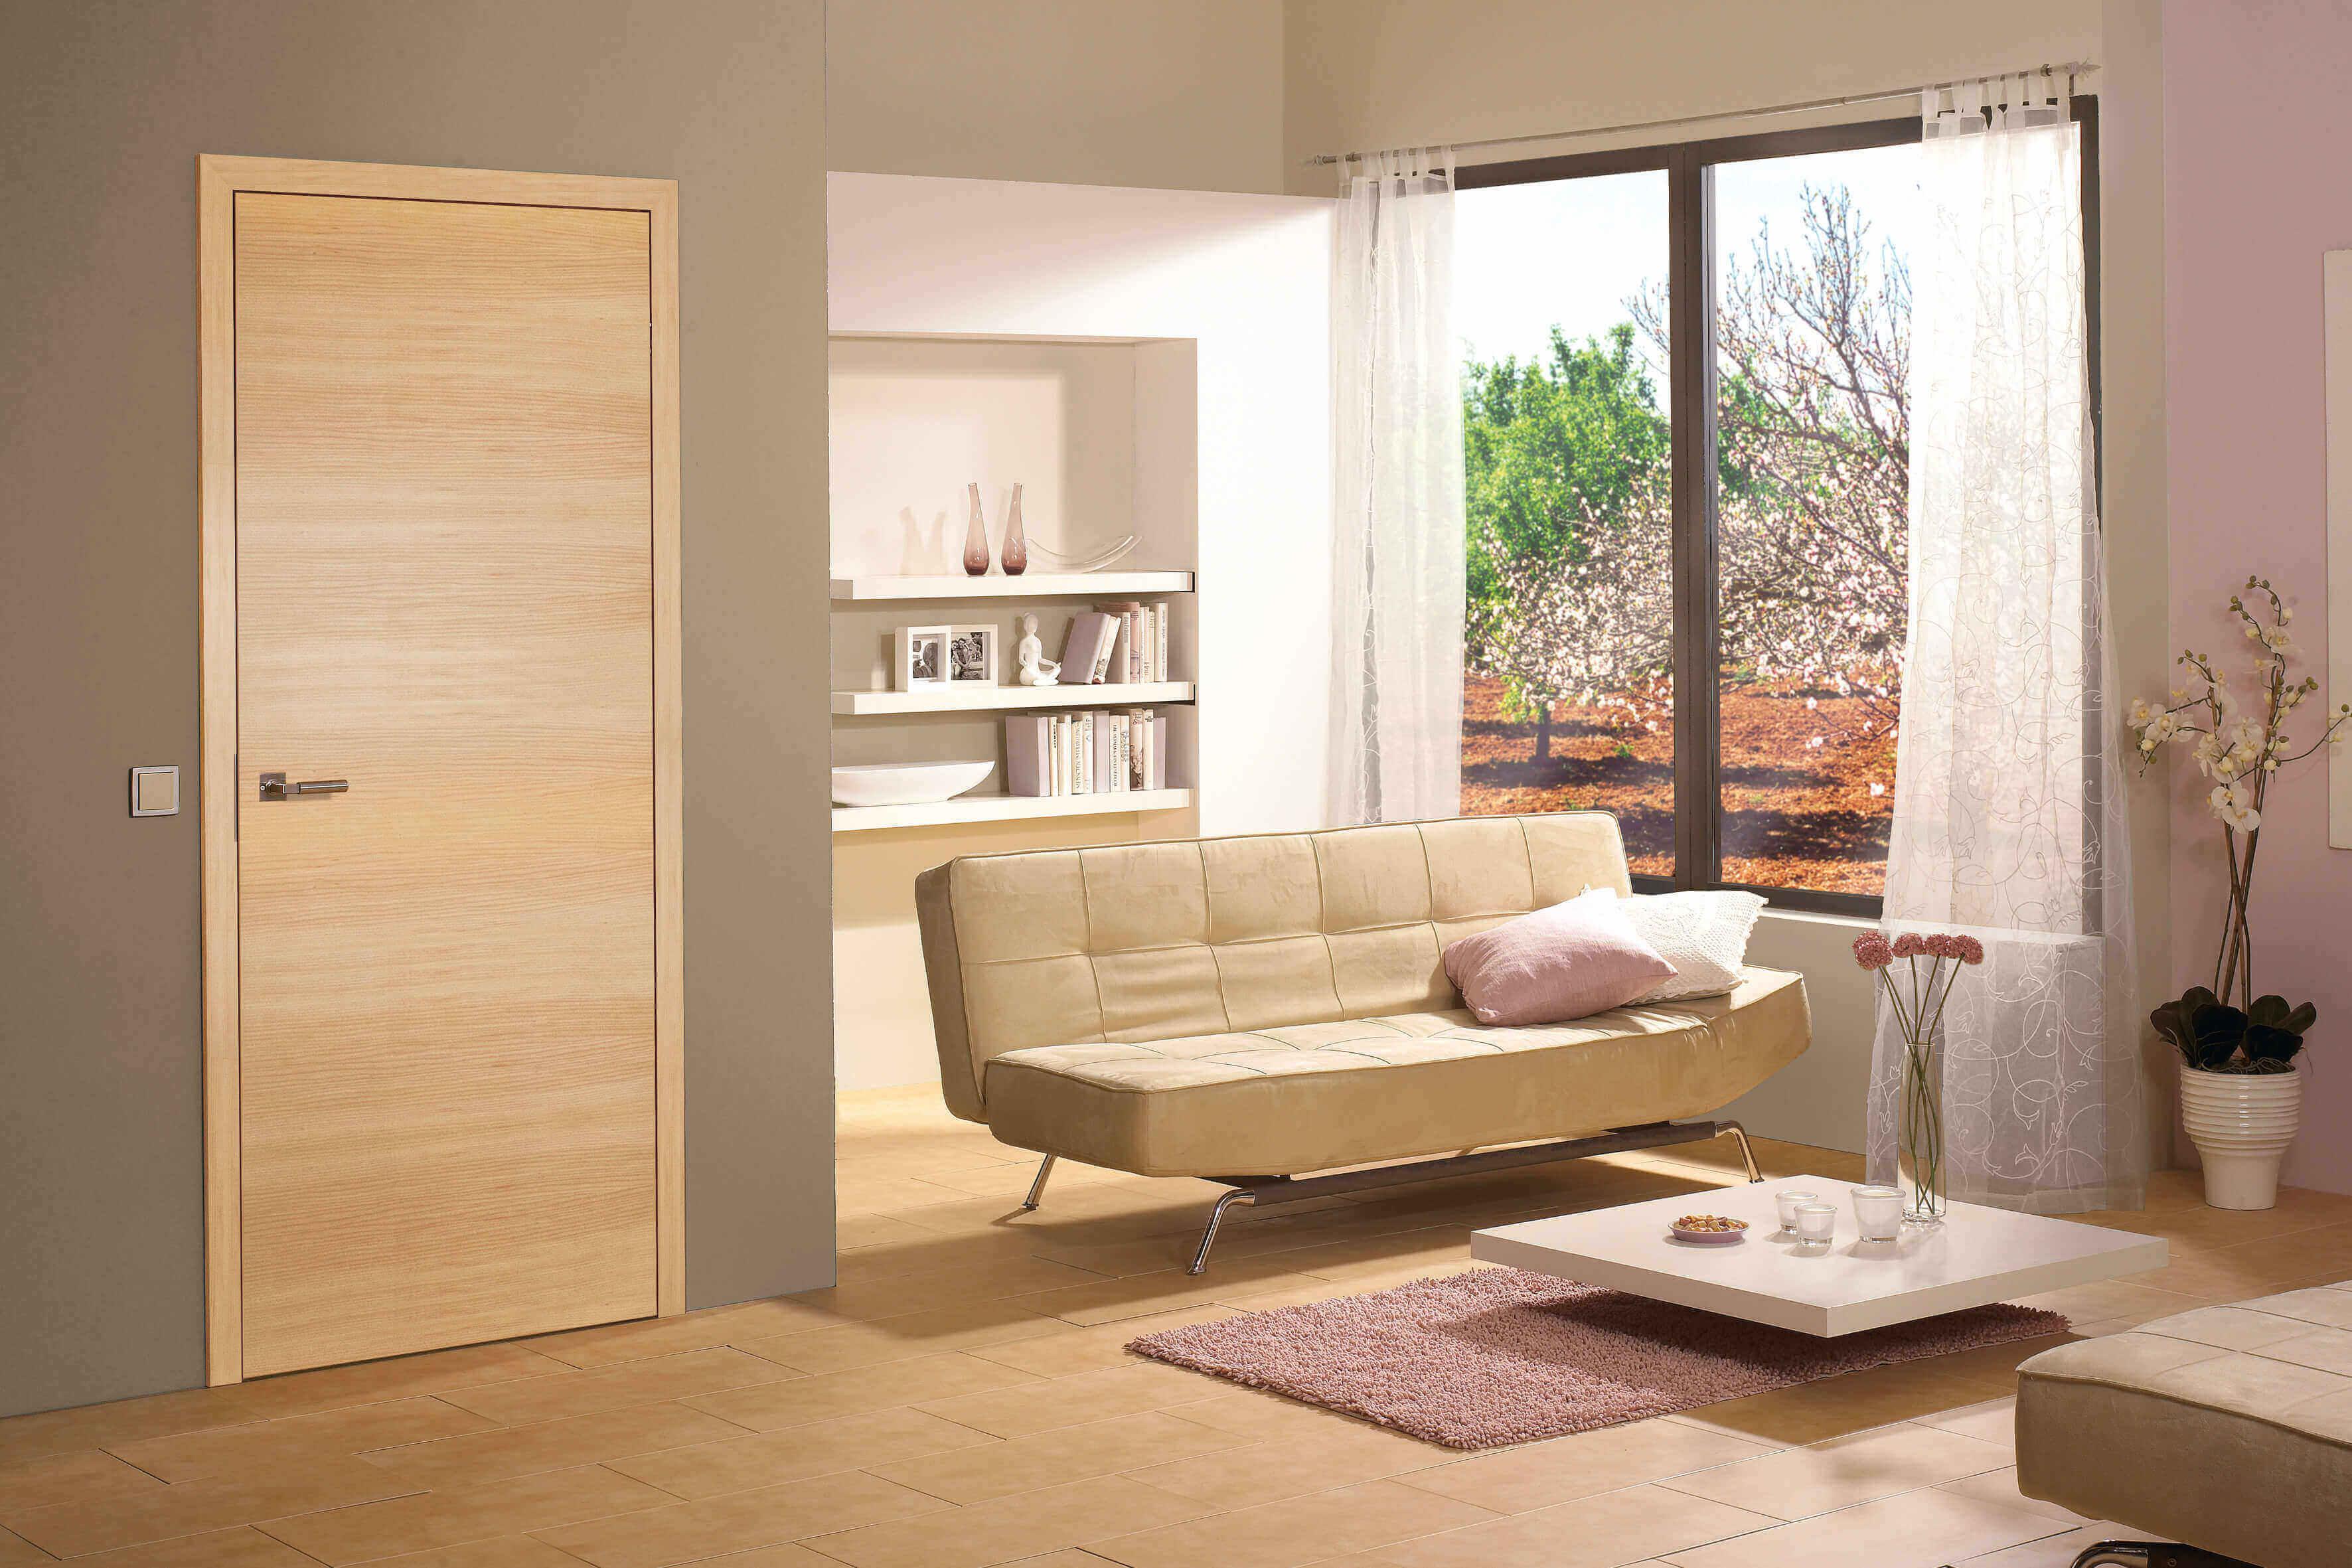 sliding evodrive wooden product indoor prod door wood doors interior glass